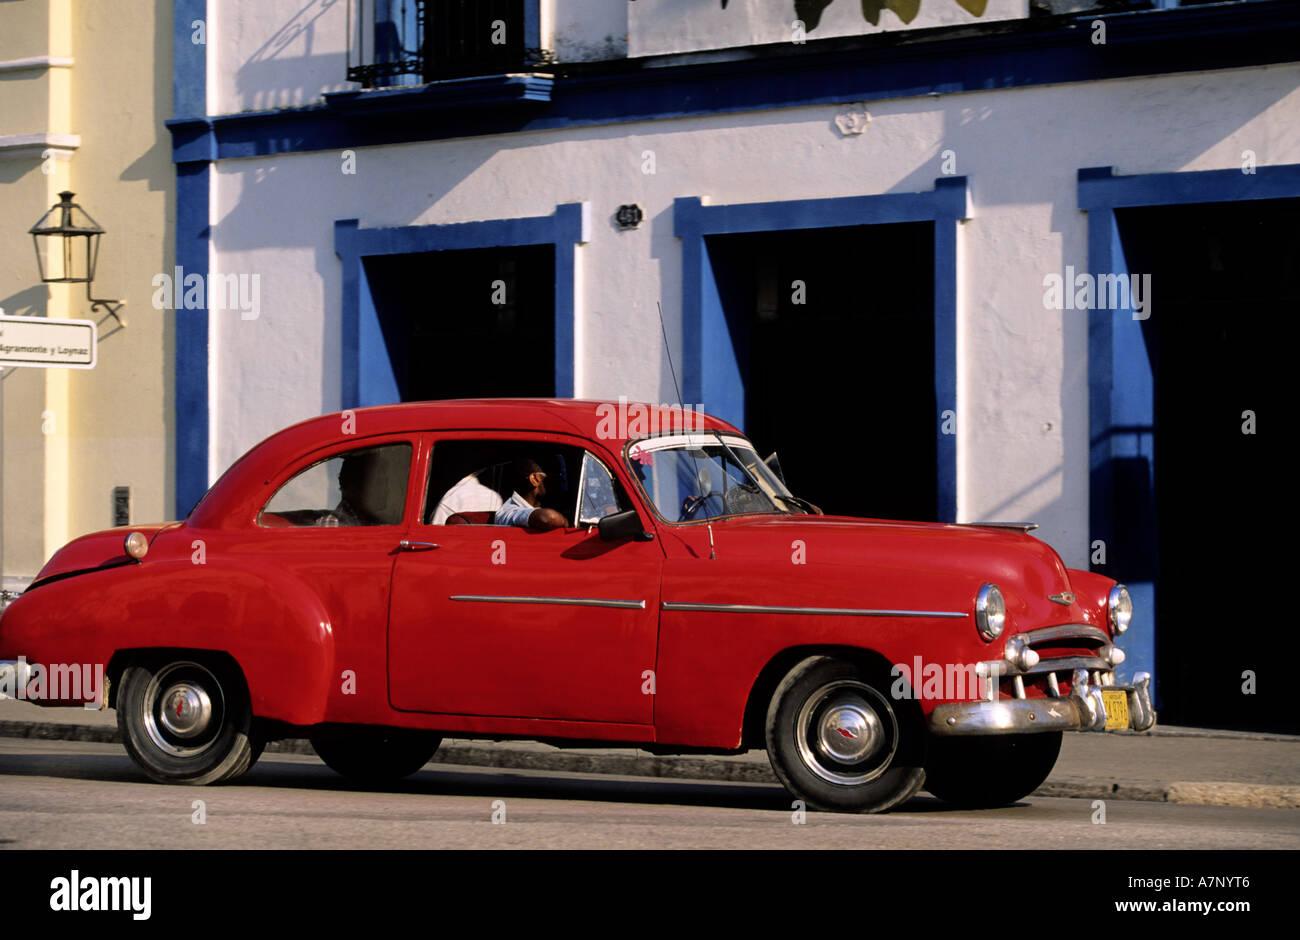 Kuba, Sancti Spiritus, amerikanischen Oldtimer der 50er Jahre Stockbild